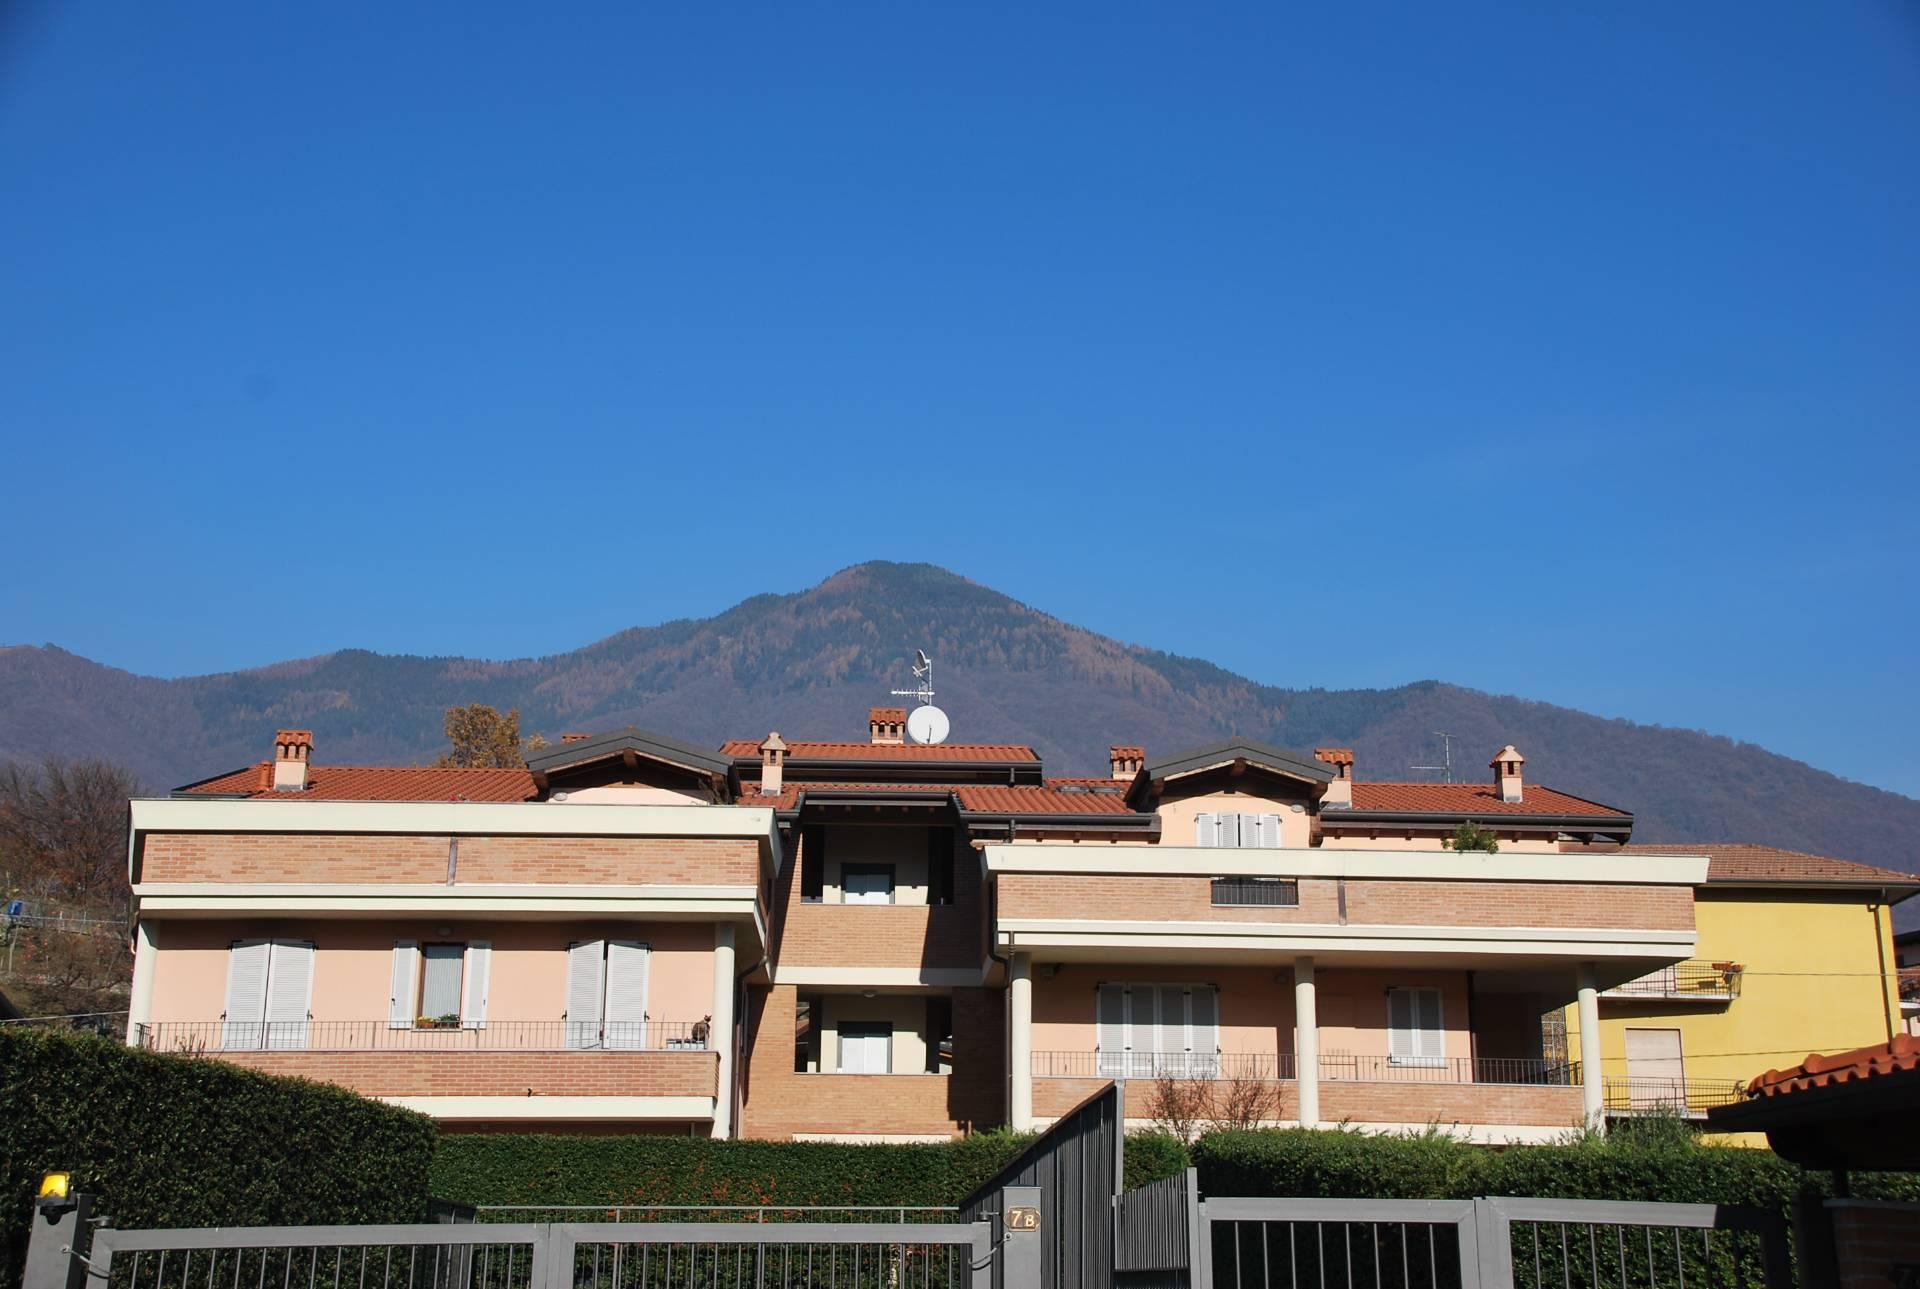 Appartamento in vendita a Brenta, 2 locali, zona Zona: Pianura, prezzo € 91.000 | CambioCasa.it